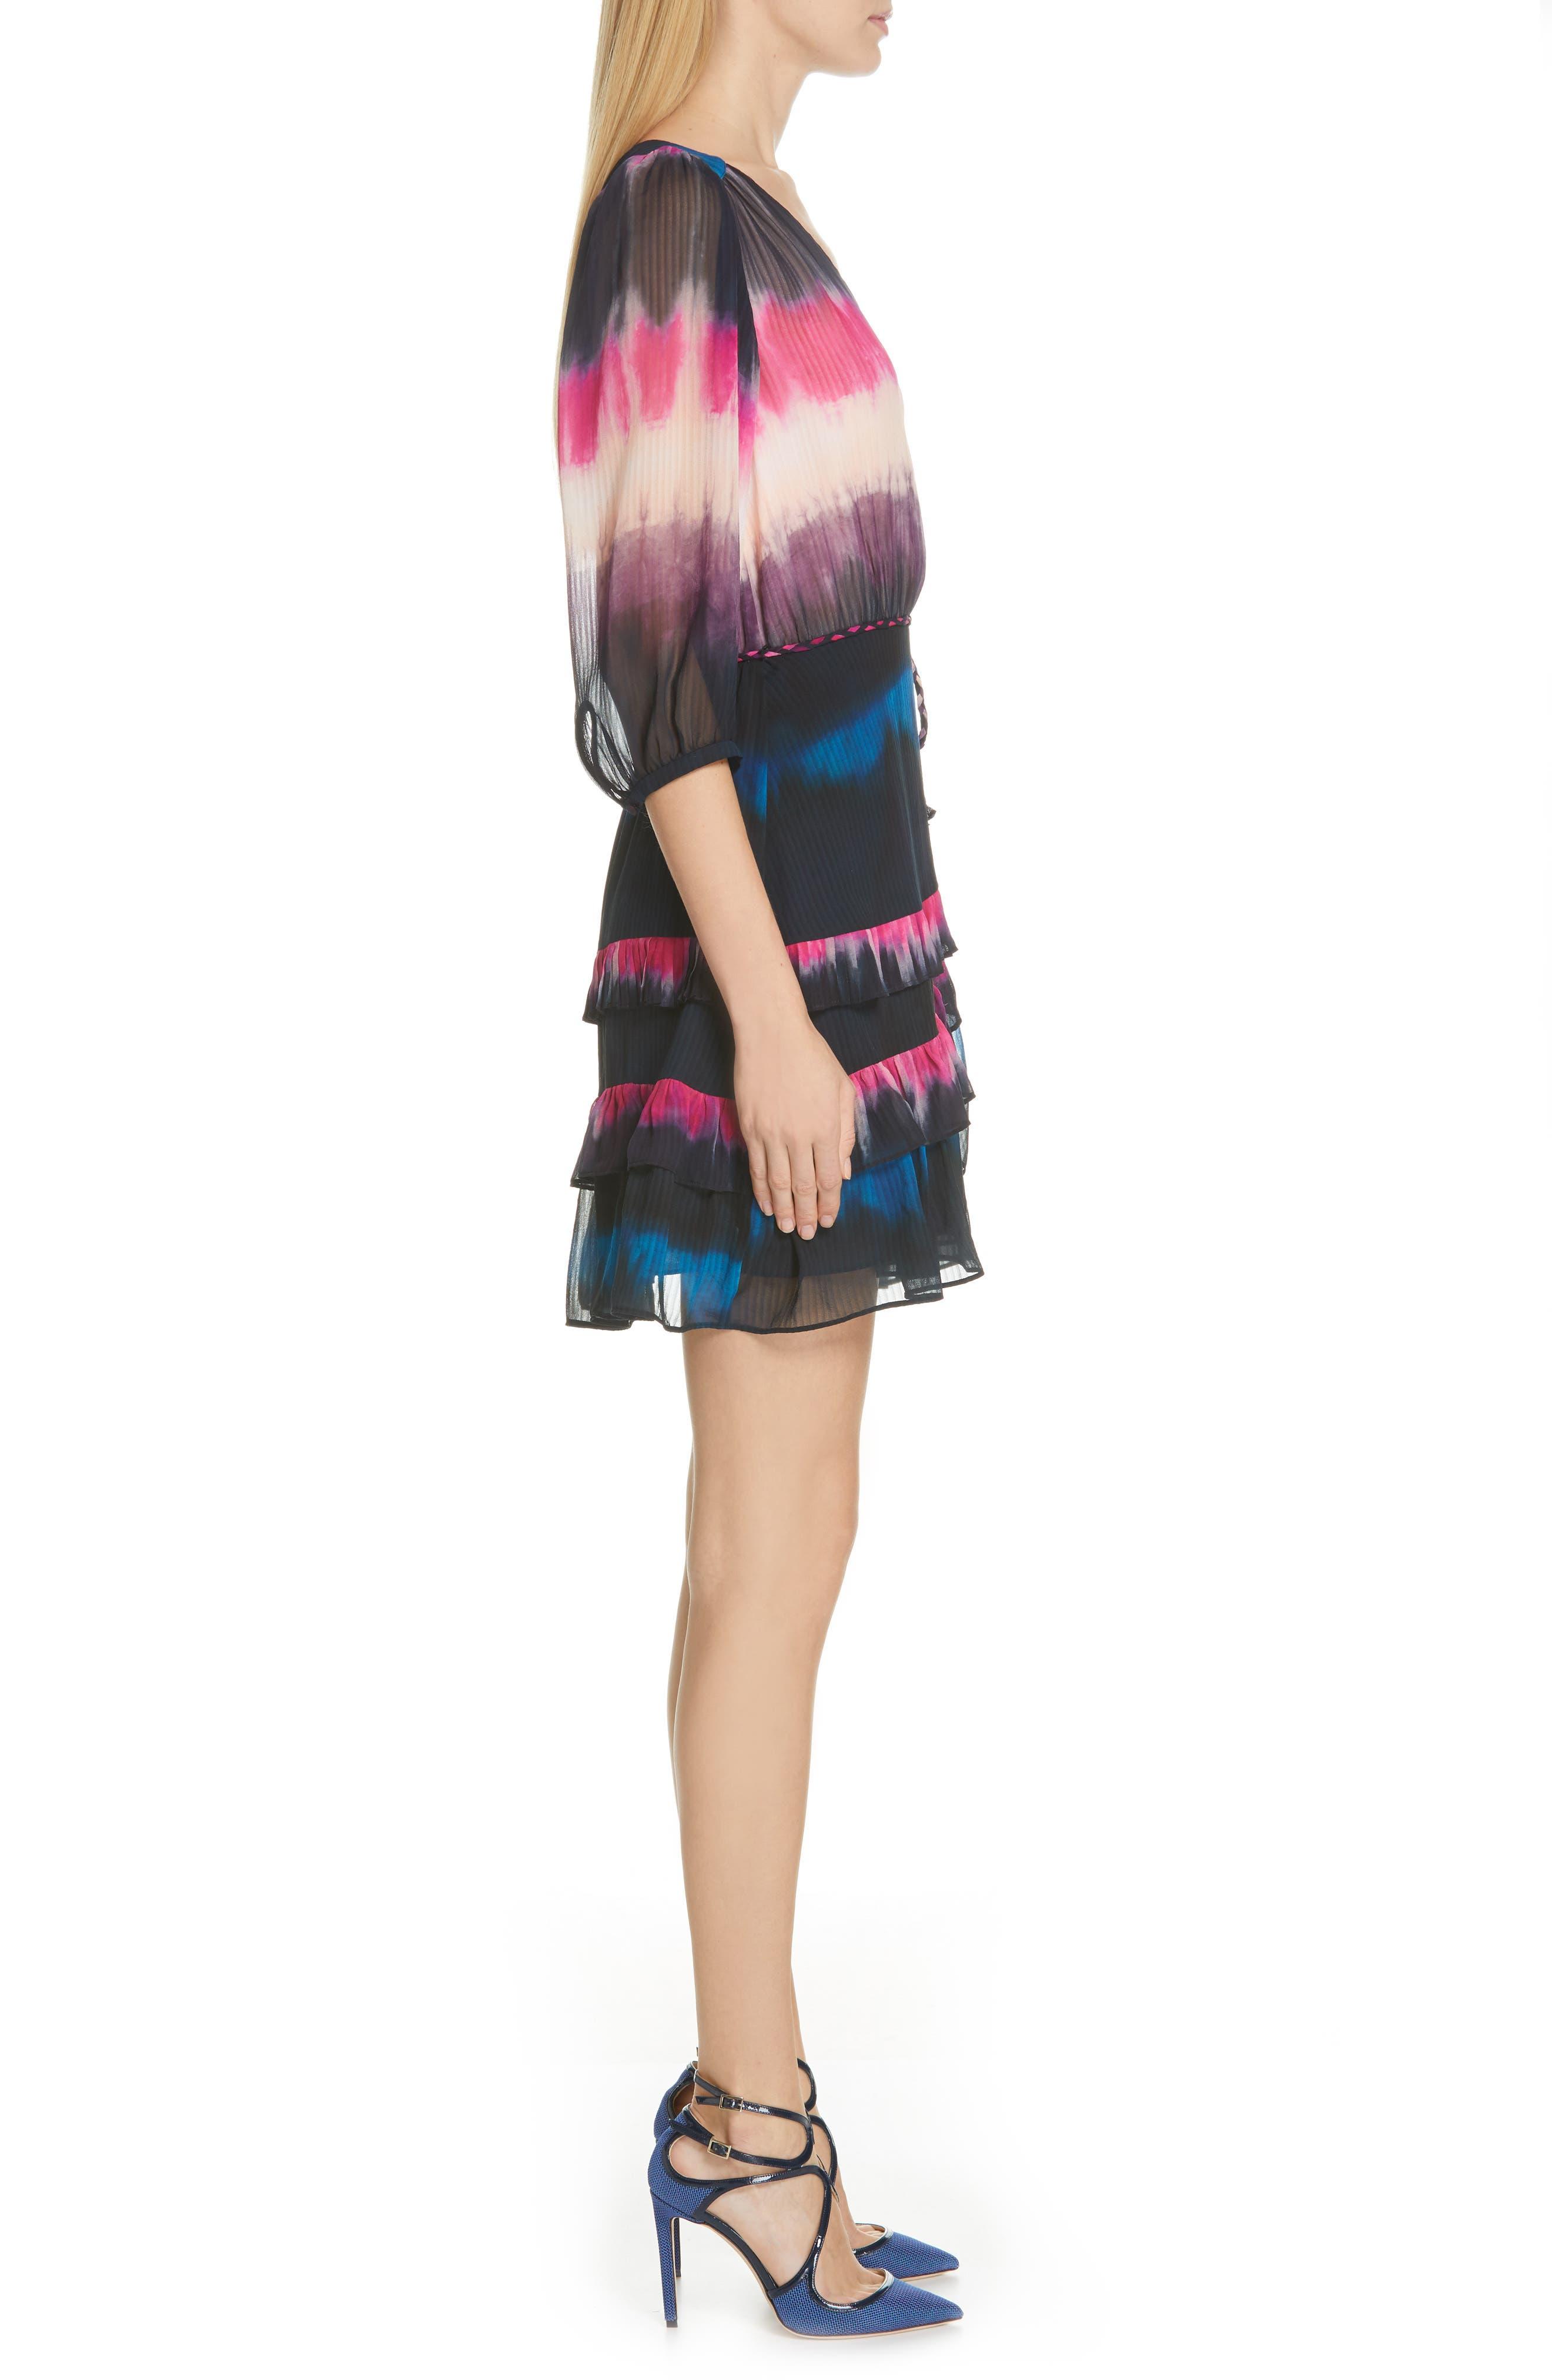 TANYA TAYLOR, Valeria Tie Dye Silk Faux Wrap Dress, Alternate thumbnail 3, color, TIE DYE STRIPE